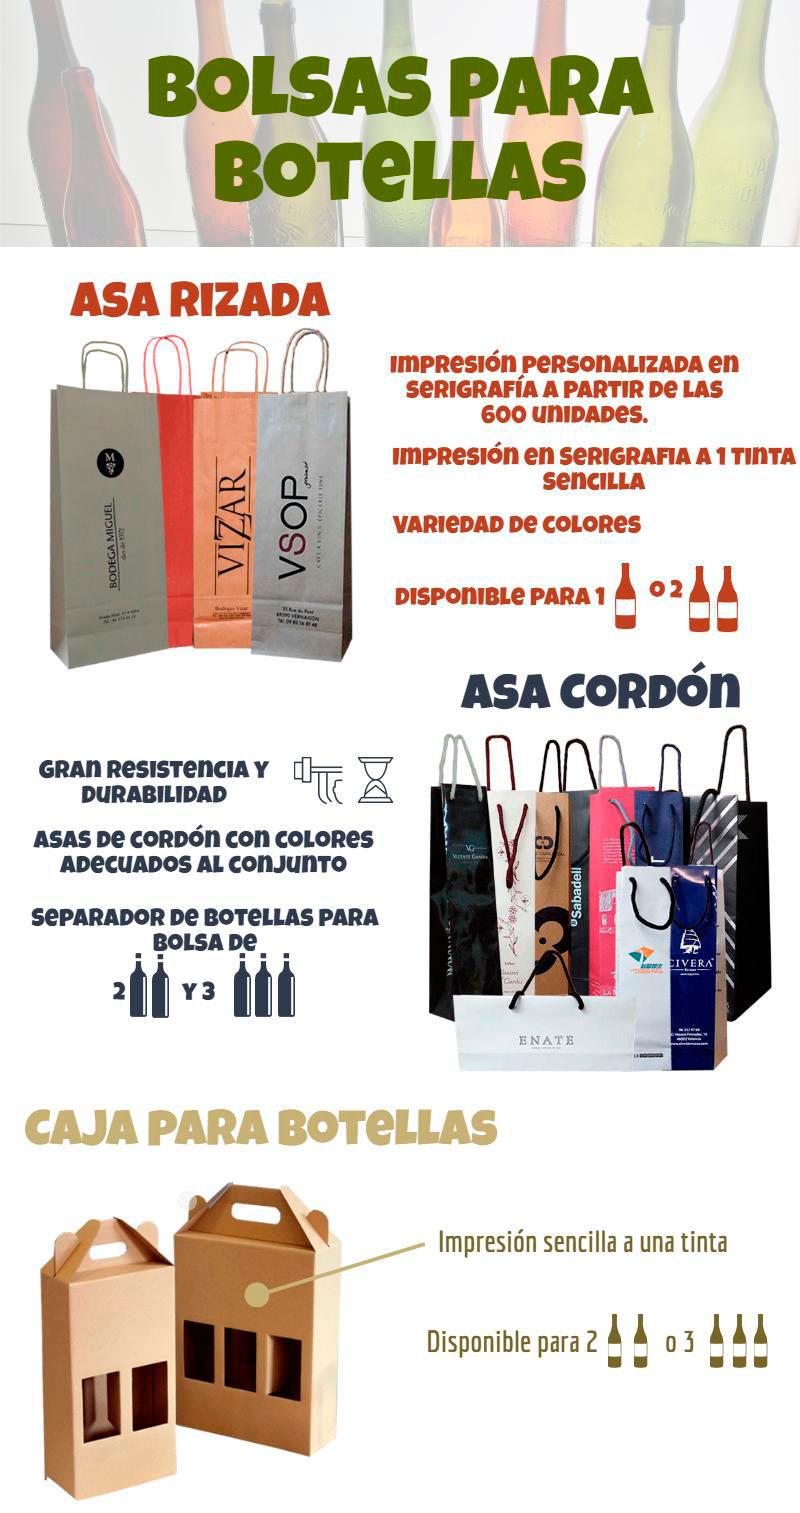 Infografía Bolsas para Botellas